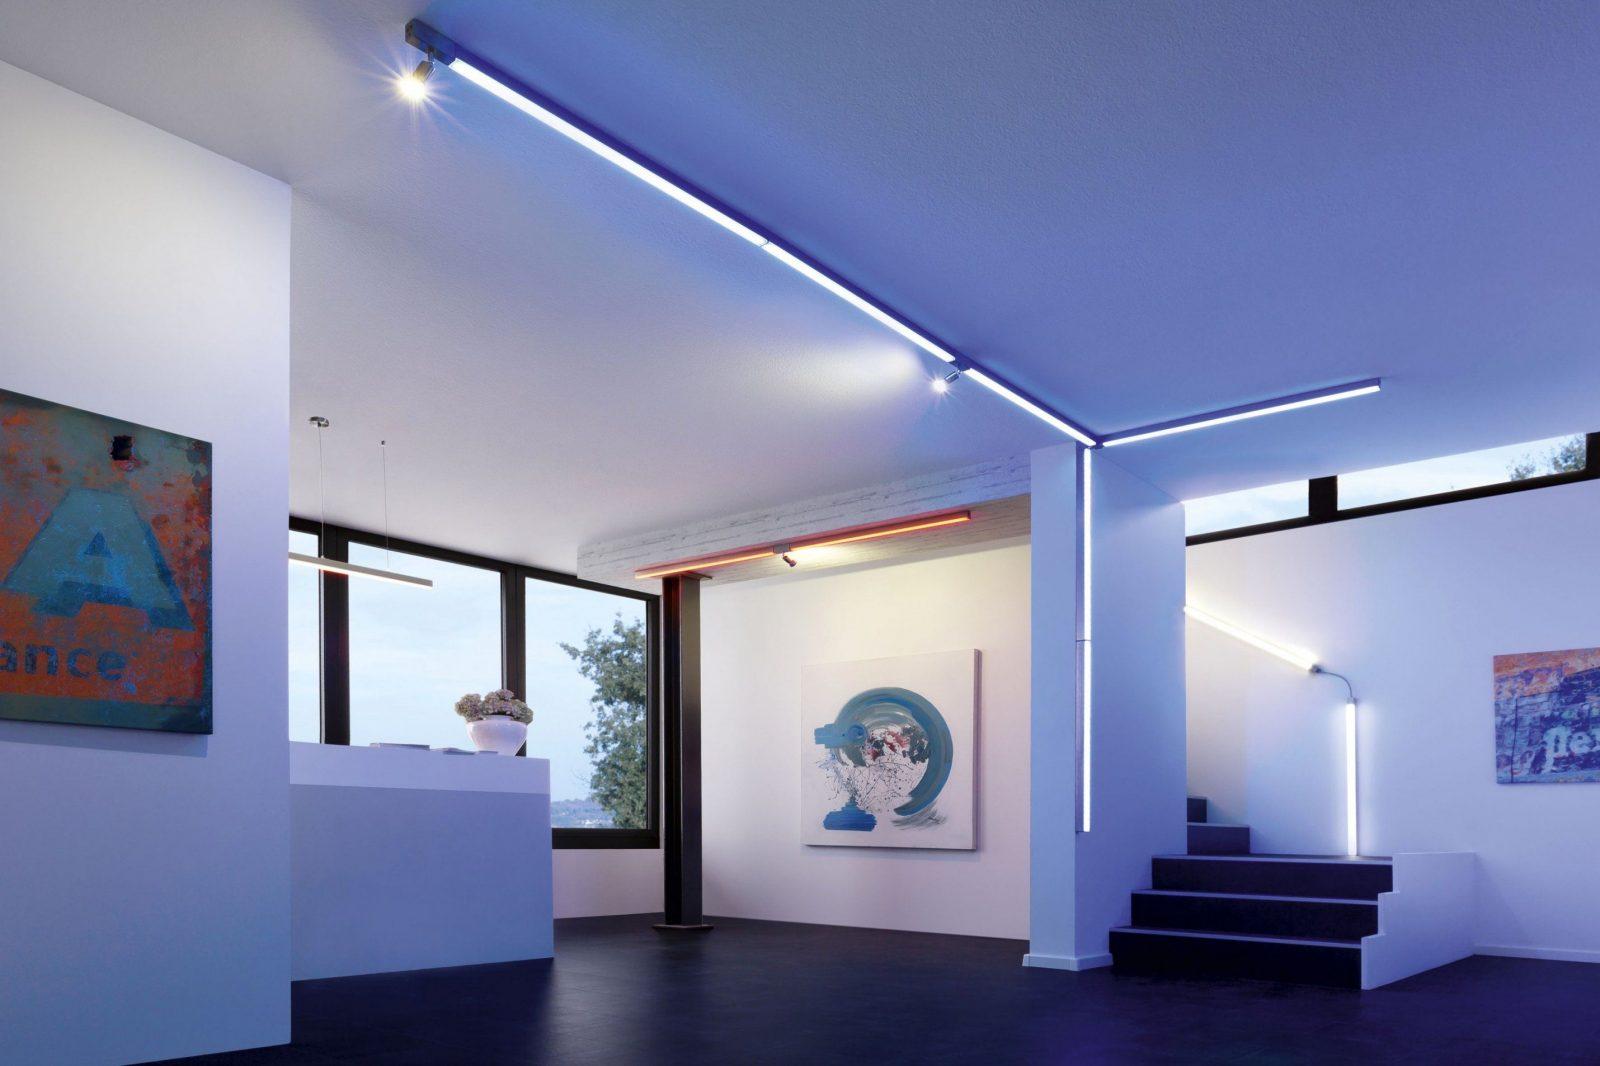 Luxuri s stilvolle lampe flur decke attraktiv mit led - Lampe flur decke ...